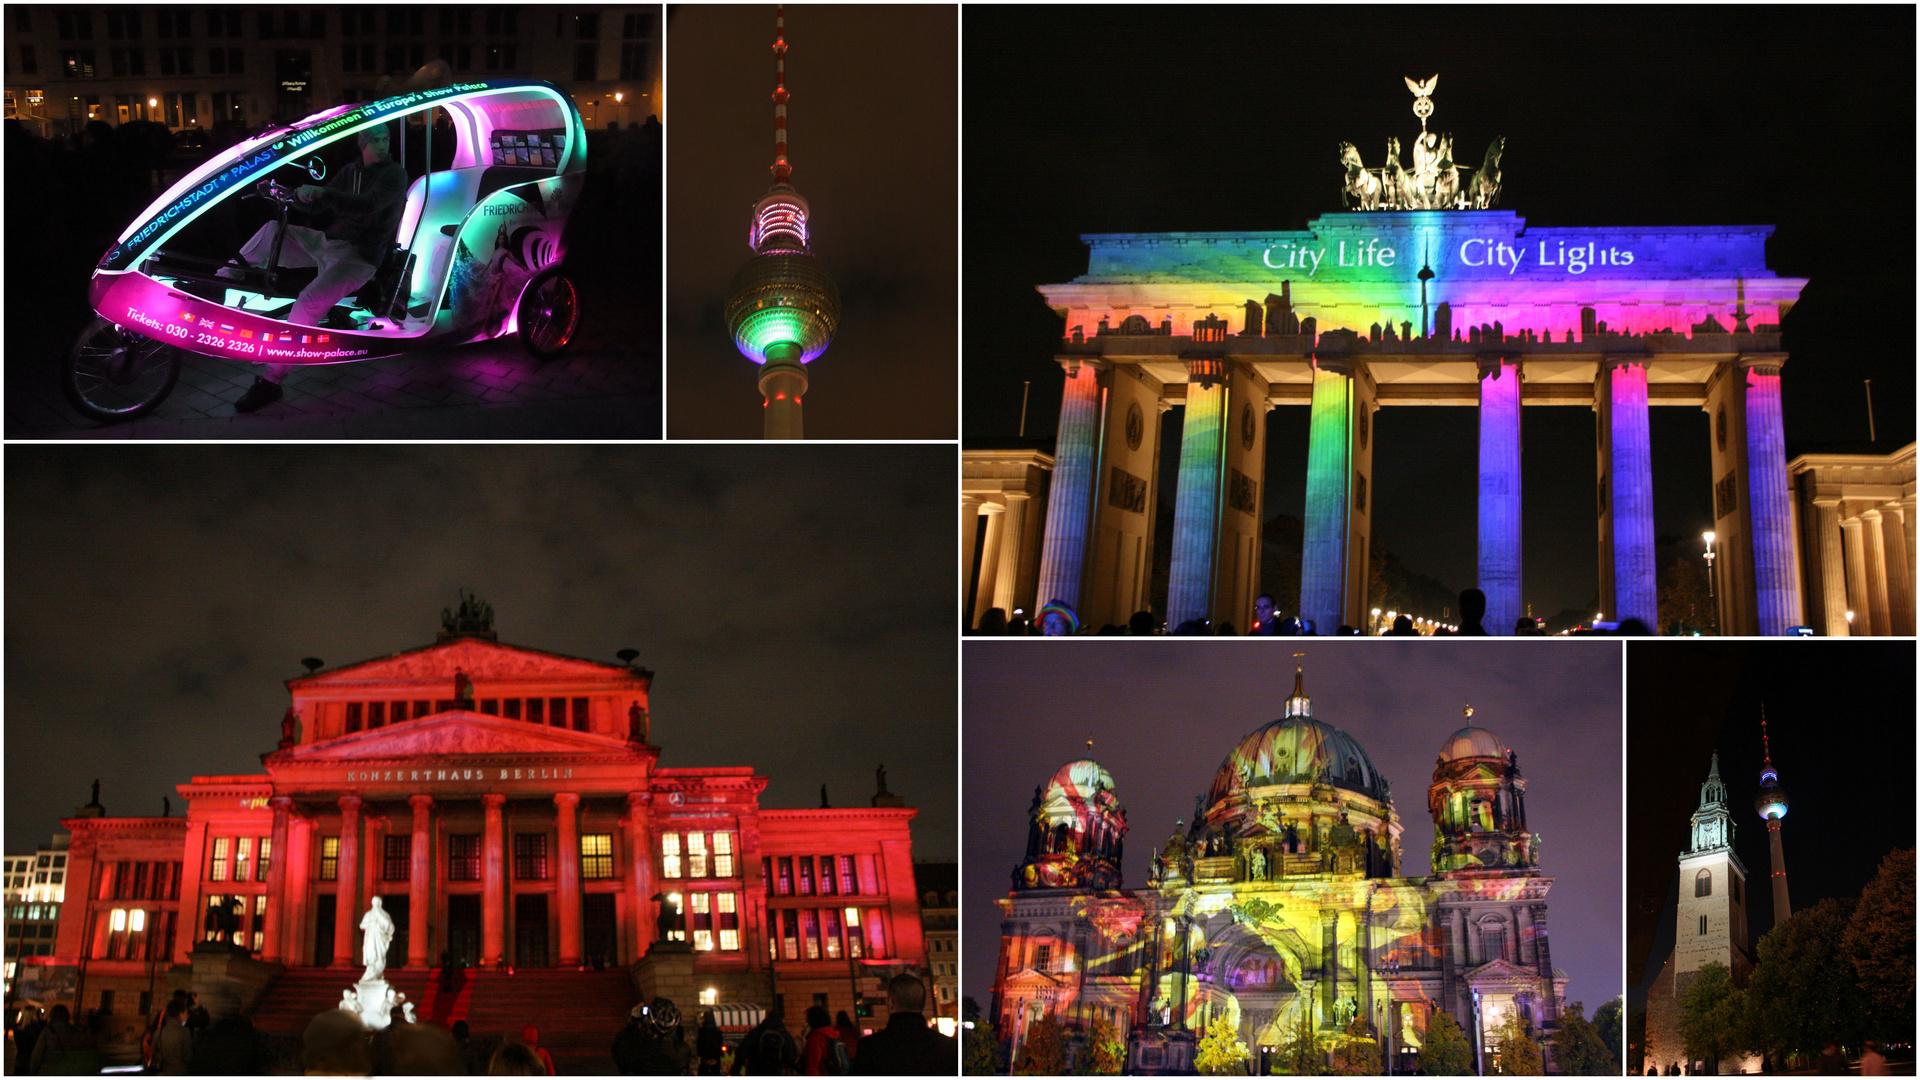 9.Festival of Lights 2013 Berlin 02